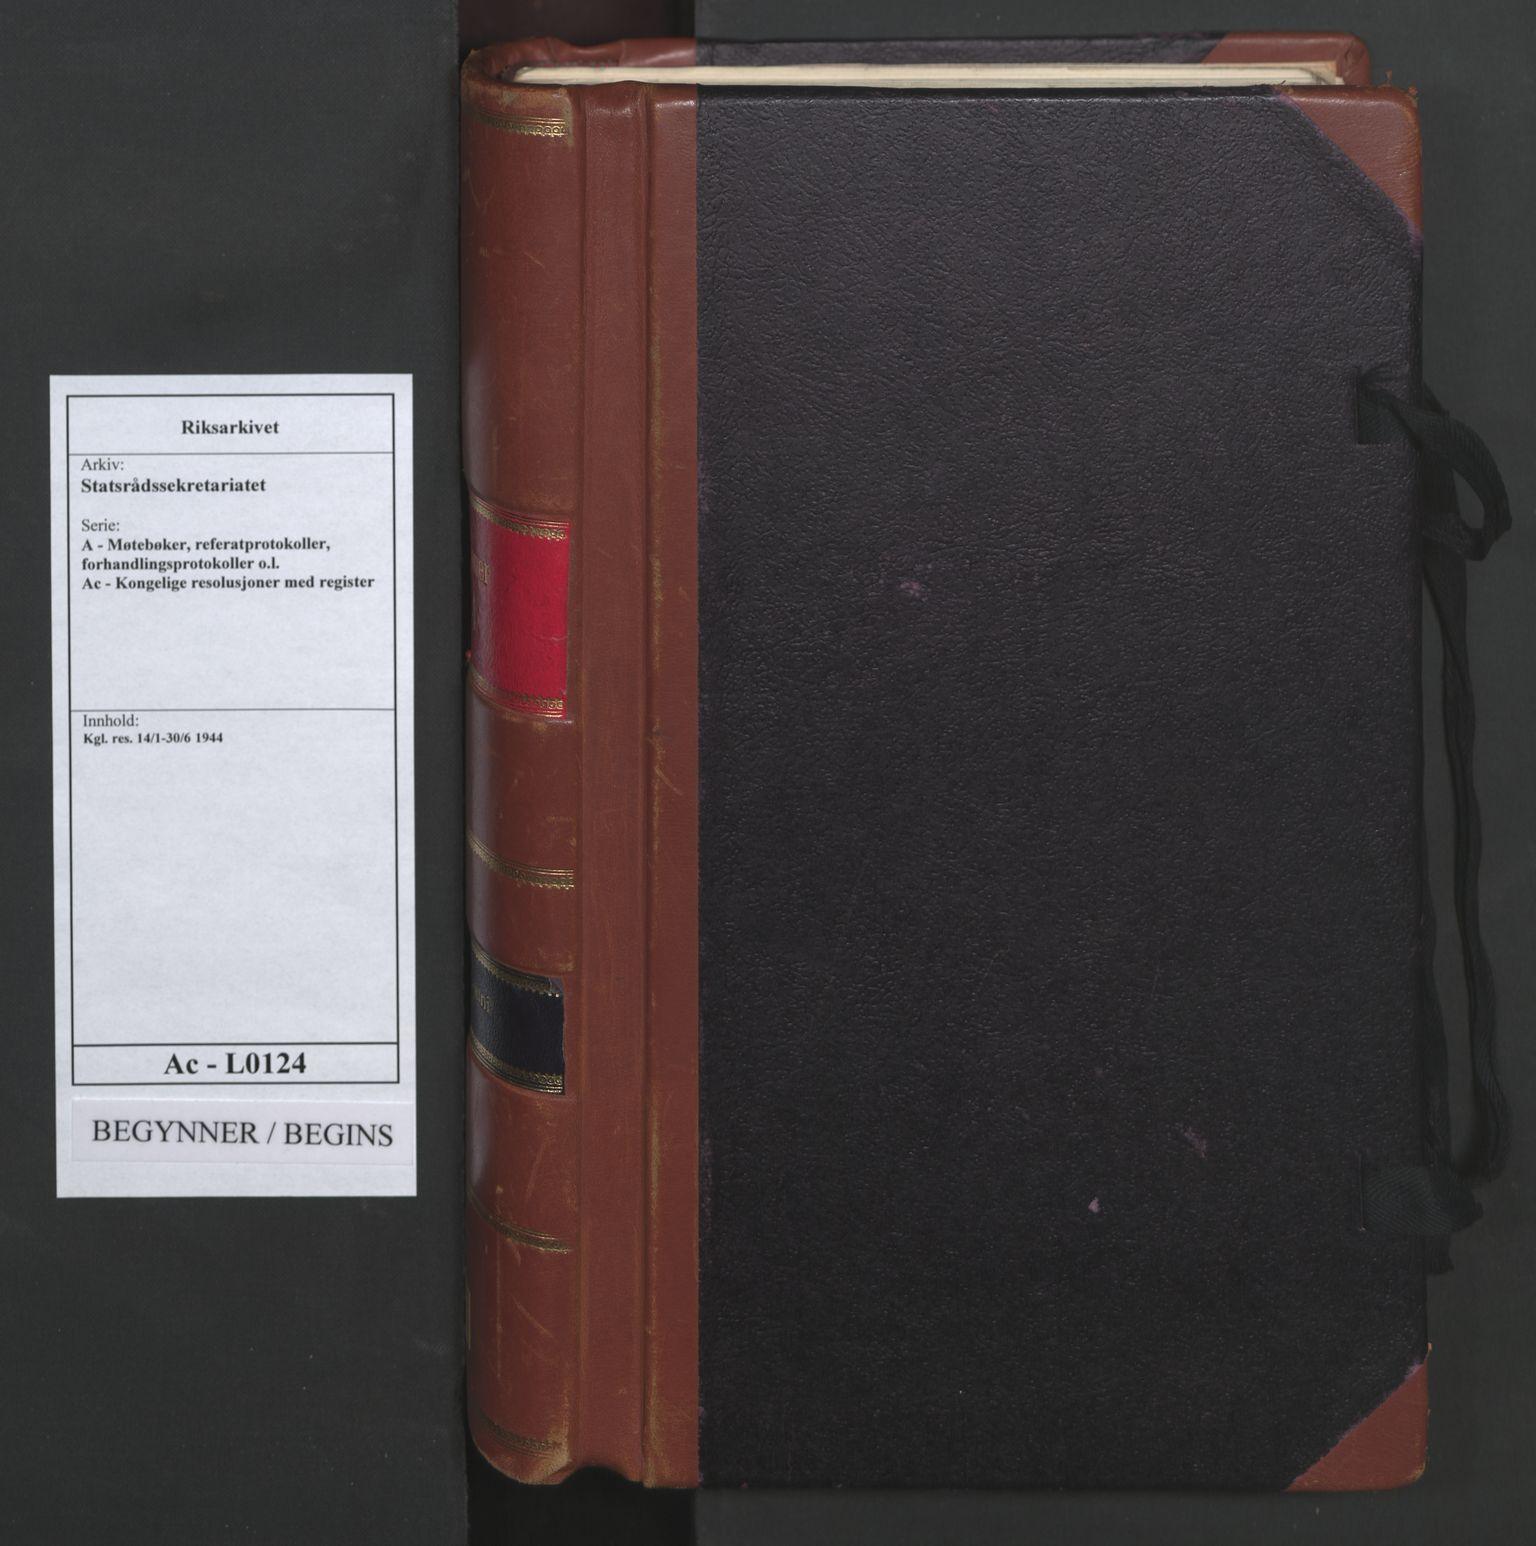 RA, Statsrådssekretariatet, A/Ac/L0124: Kgl. res. 14/1-30/6, 1944, s. upaginert